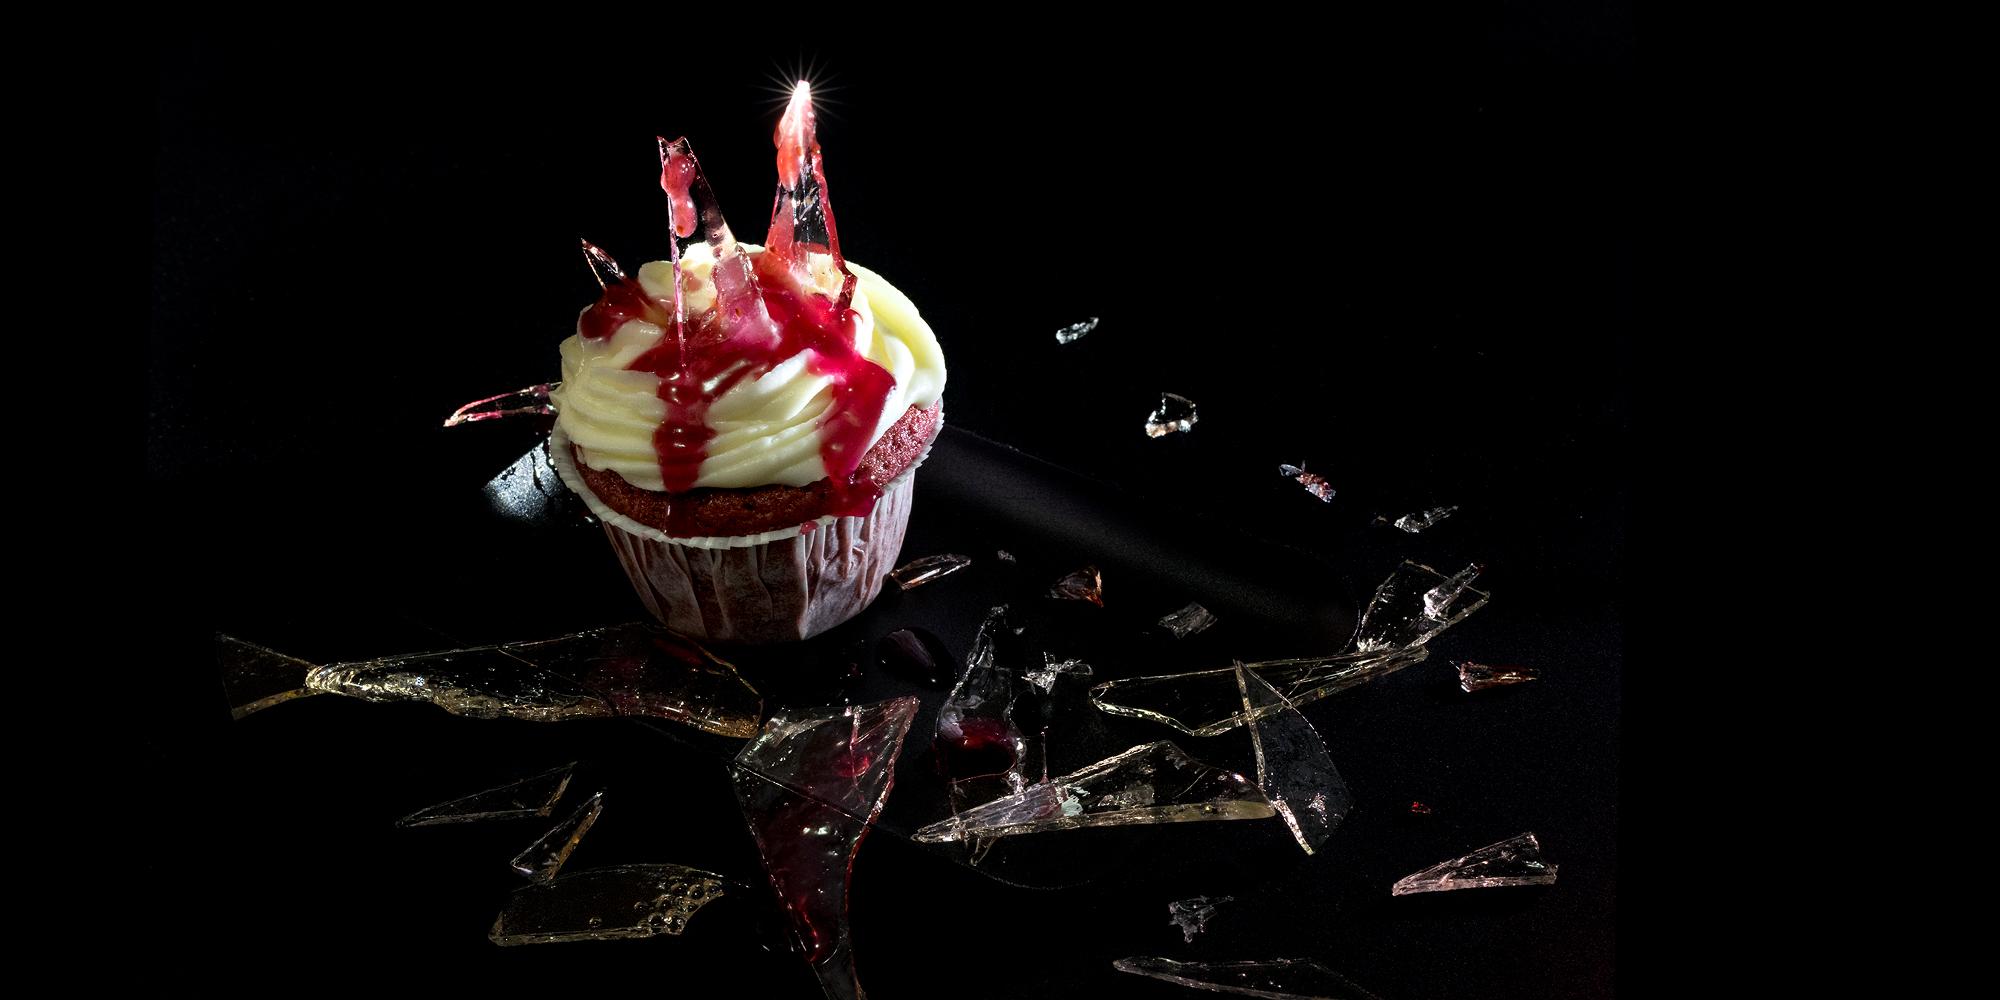 Blodig cupkace med krossat glas